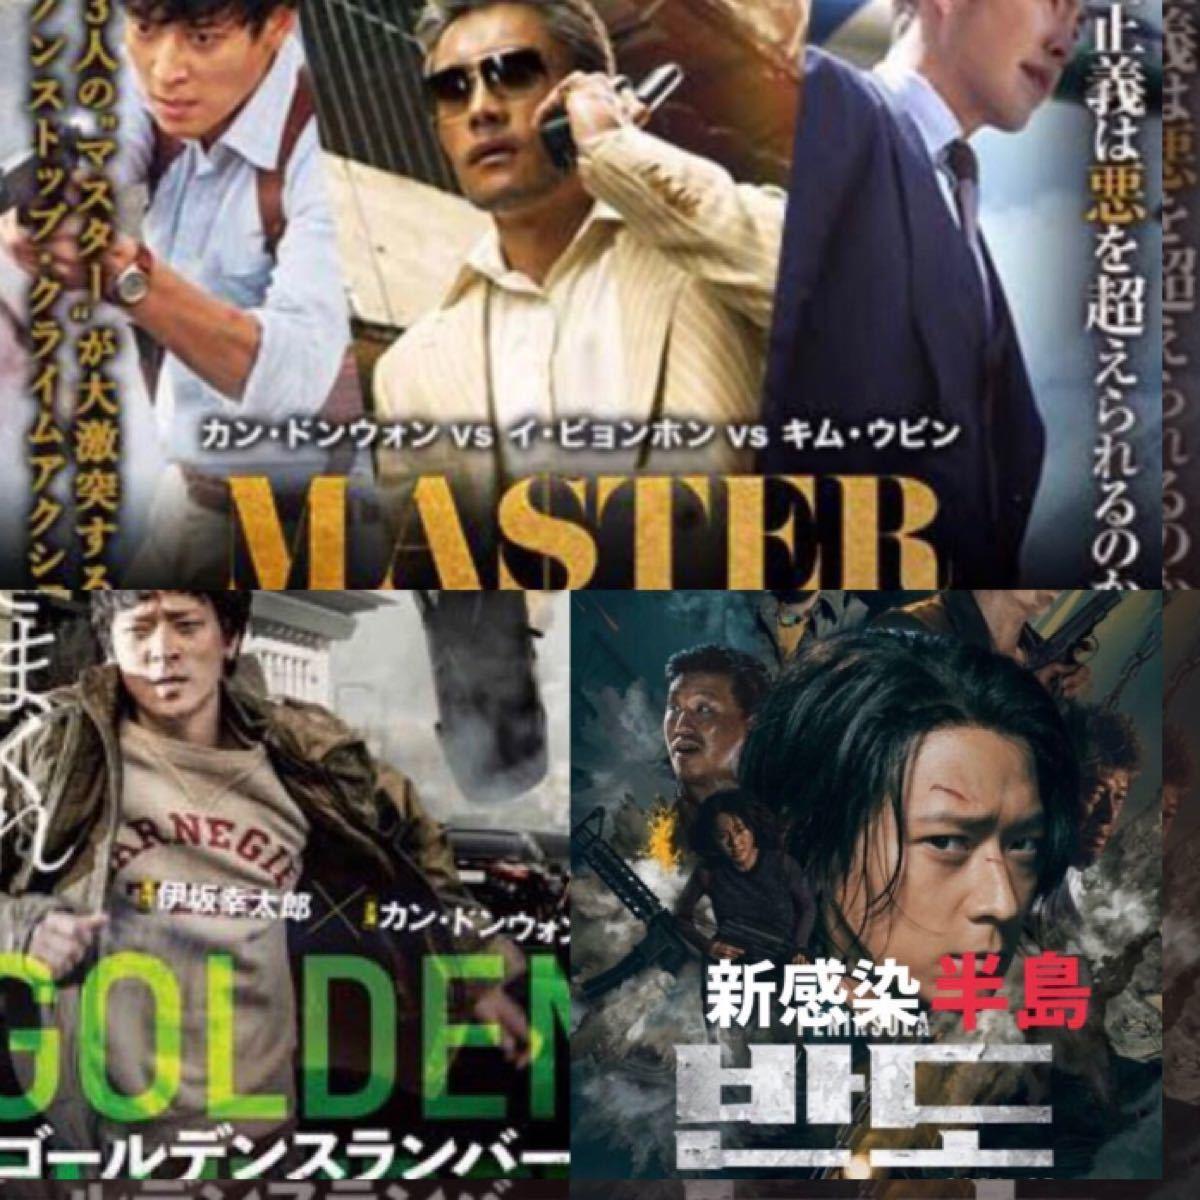 韓国映画  カン・ドンウォン  出演映画  DVD  日本語吹替有り  レーベル有り